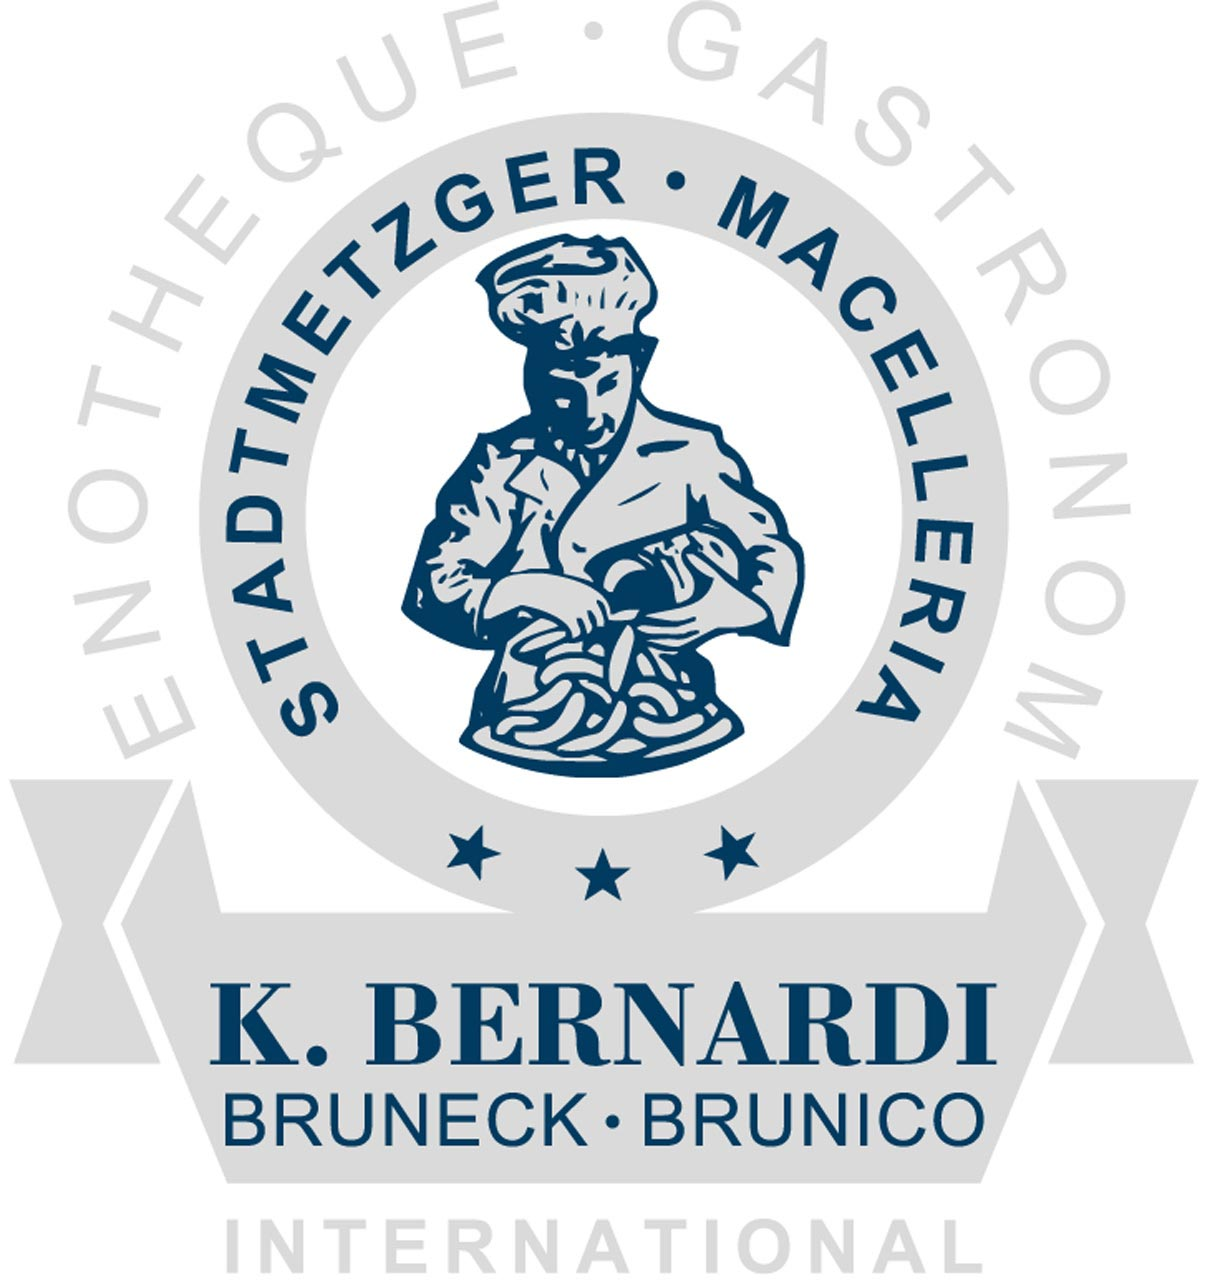 Karl Bernardi